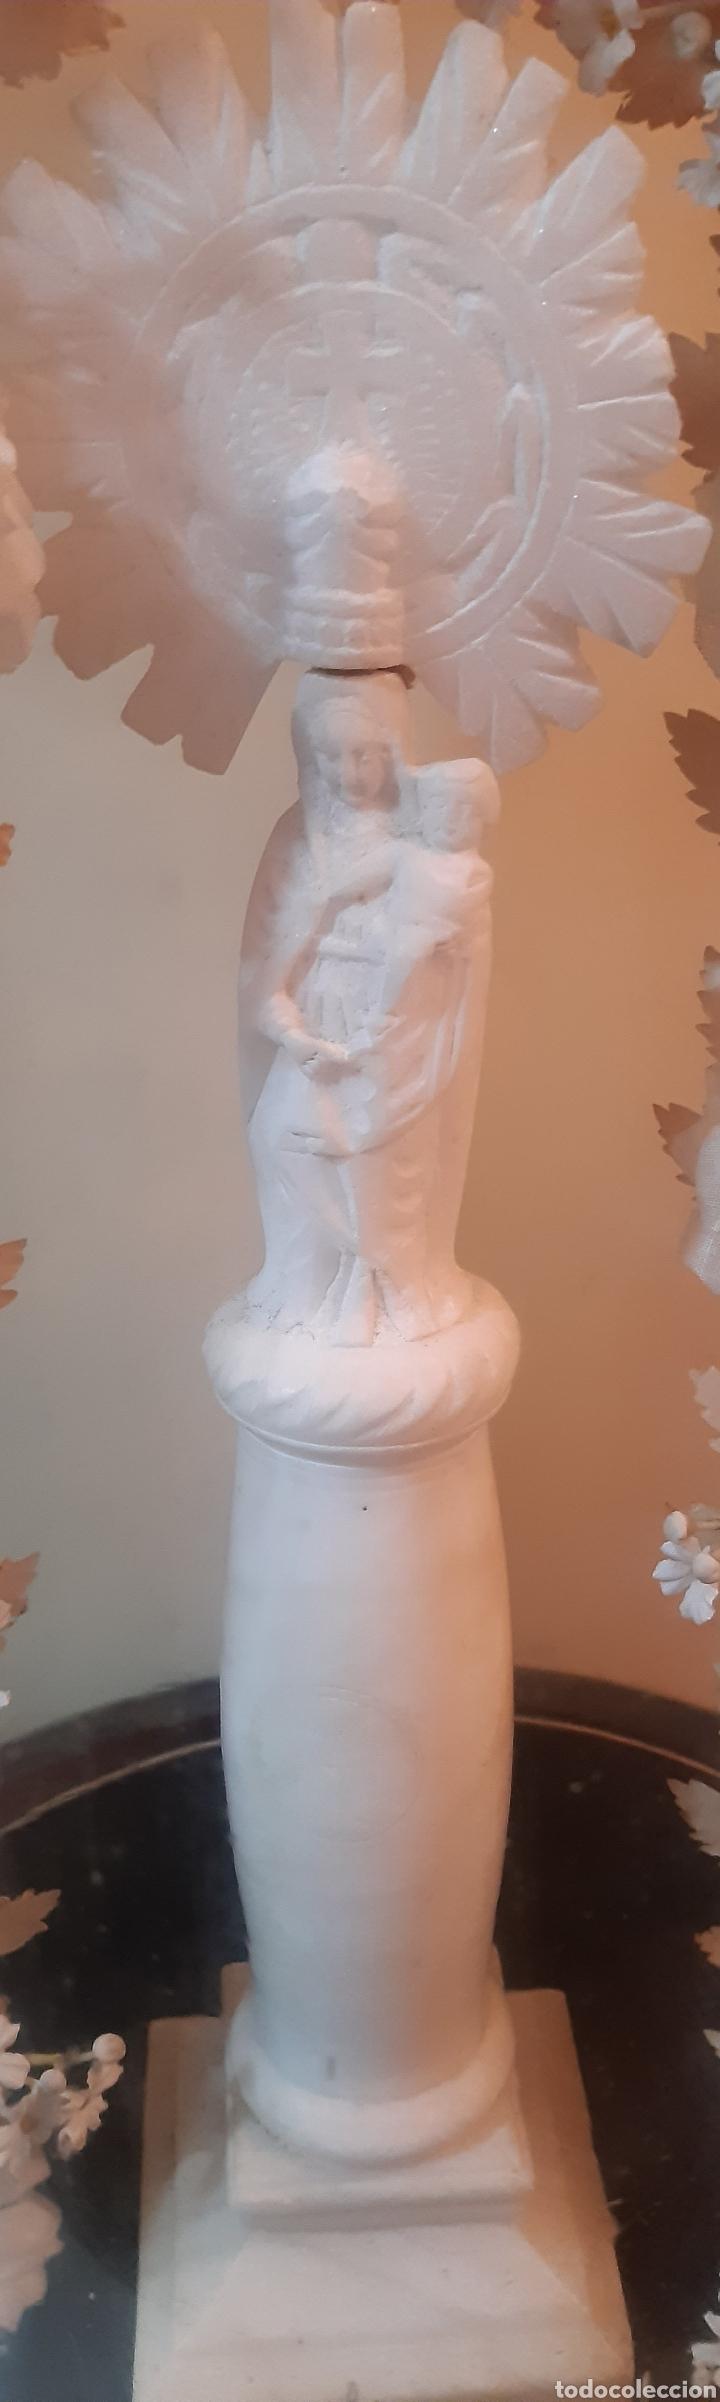 Arte: Fanal con Virgen del Pilar - Foto 4 - 242002370